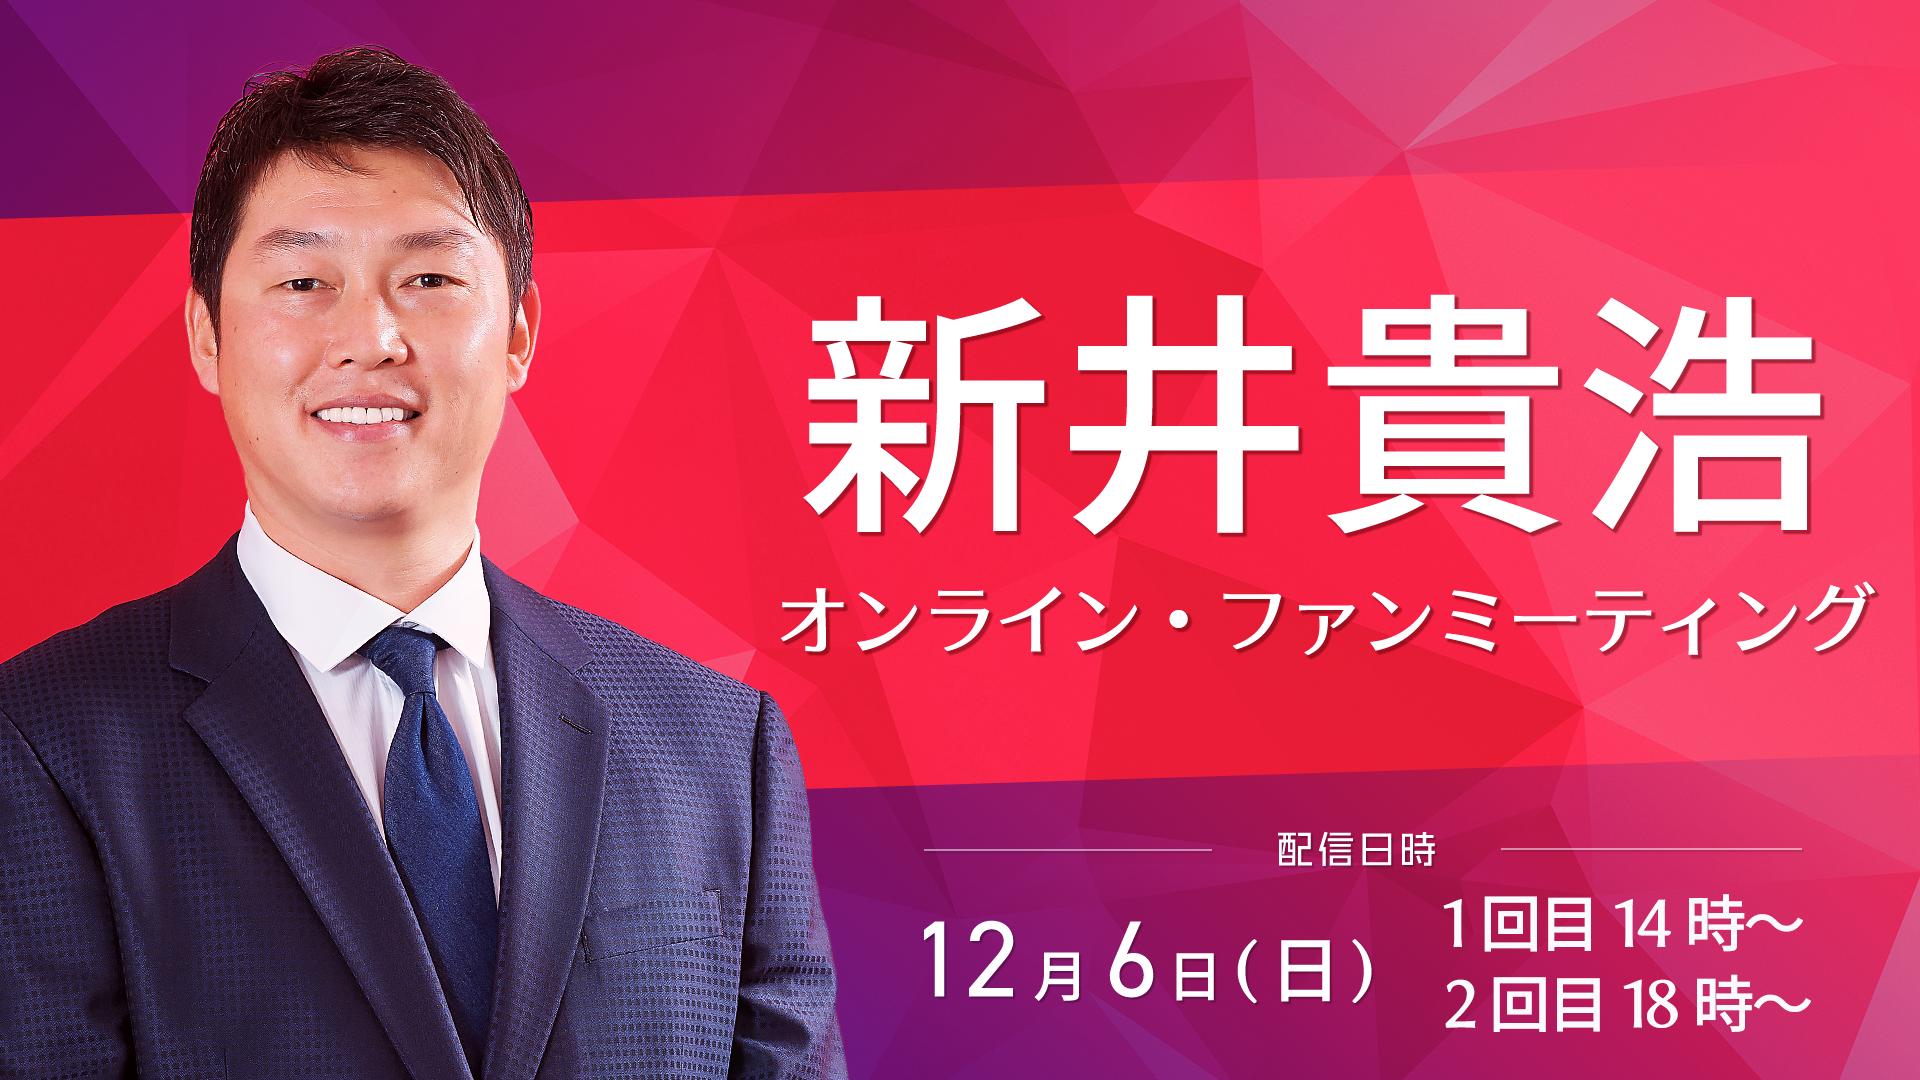 広島東洋カープ 中日ドラゴンズ 新井貴浩オンライン・ファンミーティング